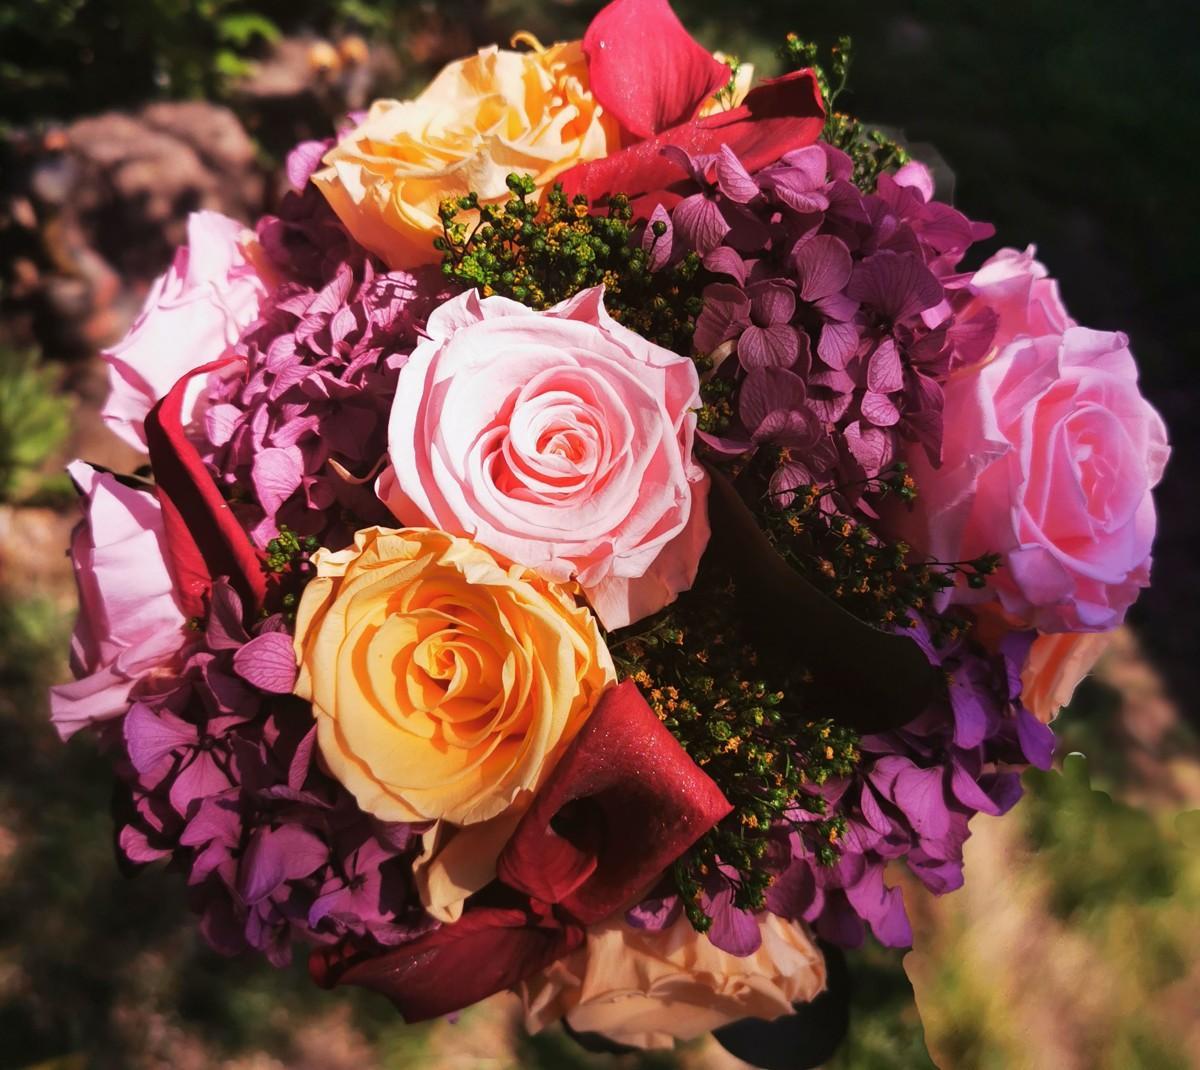 Svadobné kytice a pierka zo živých stabilizovaných kvetov a zelene, ktoré roky nevädnú. Kytice čakajú na svoje nevesty :). - Obrázok č. 17